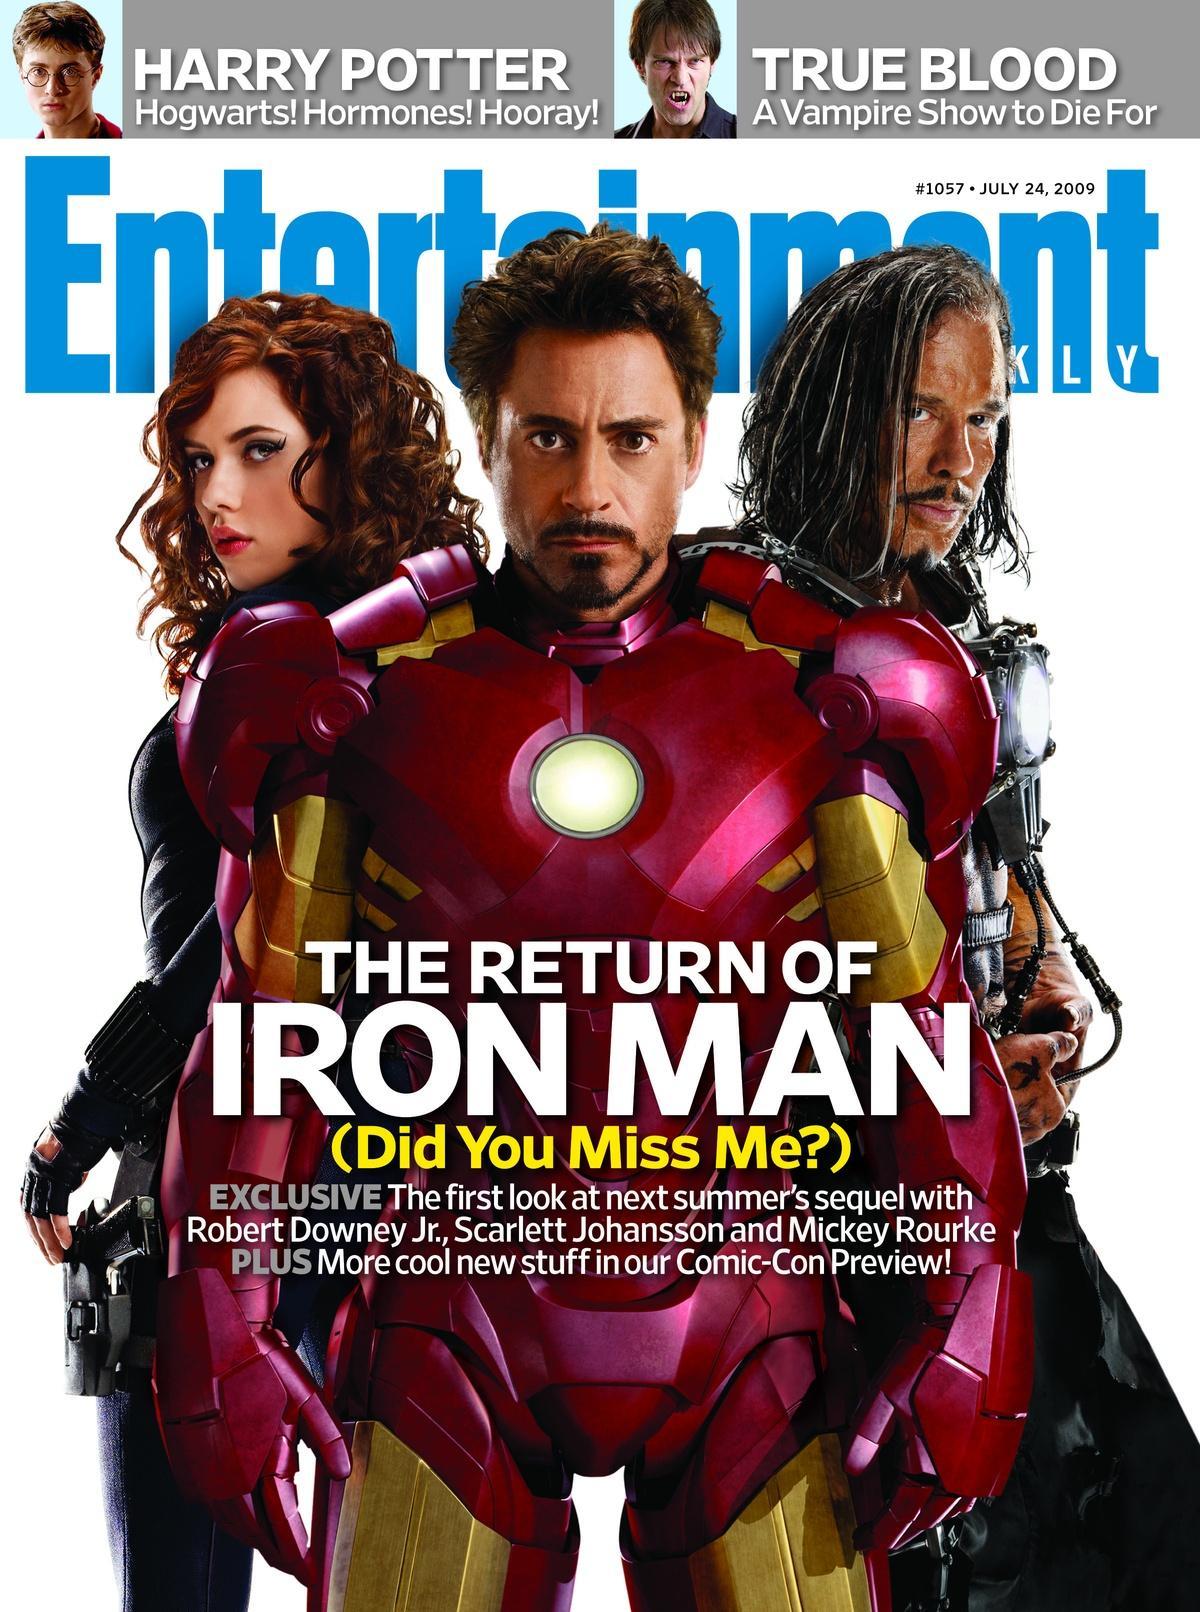 http://filmgeek.fr/wp-content/uploads/2009/07/ew-cover-iron-man-2-black-widow-scarlett-johansson.jpg